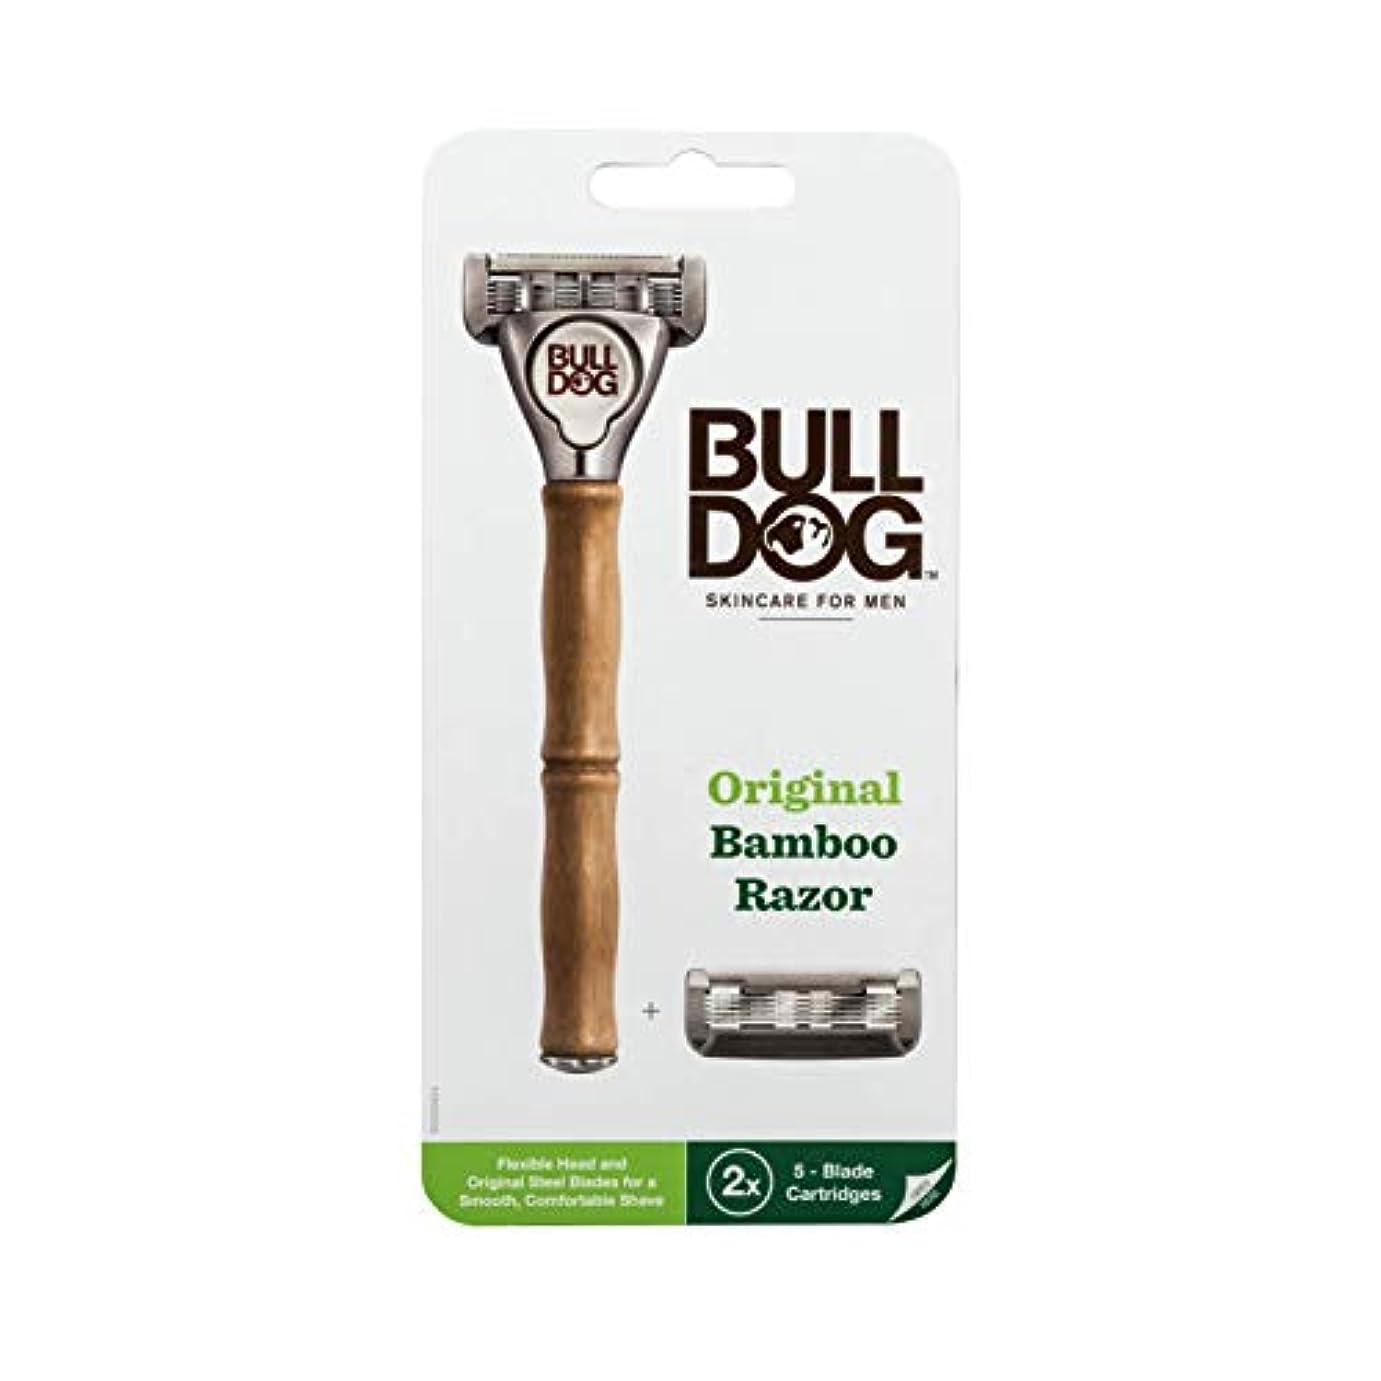 ワークショップ言語学煙Bulldog(ブルドッグ) ブルドッグ Bulldog 5枚刃 オリジナルバンブーホルダー 水に強い竹製ハンドル 替刃 2コ付 男性カミソリ ホルダー(1本)、替刃2コ付き(内1コ本体装着済み)